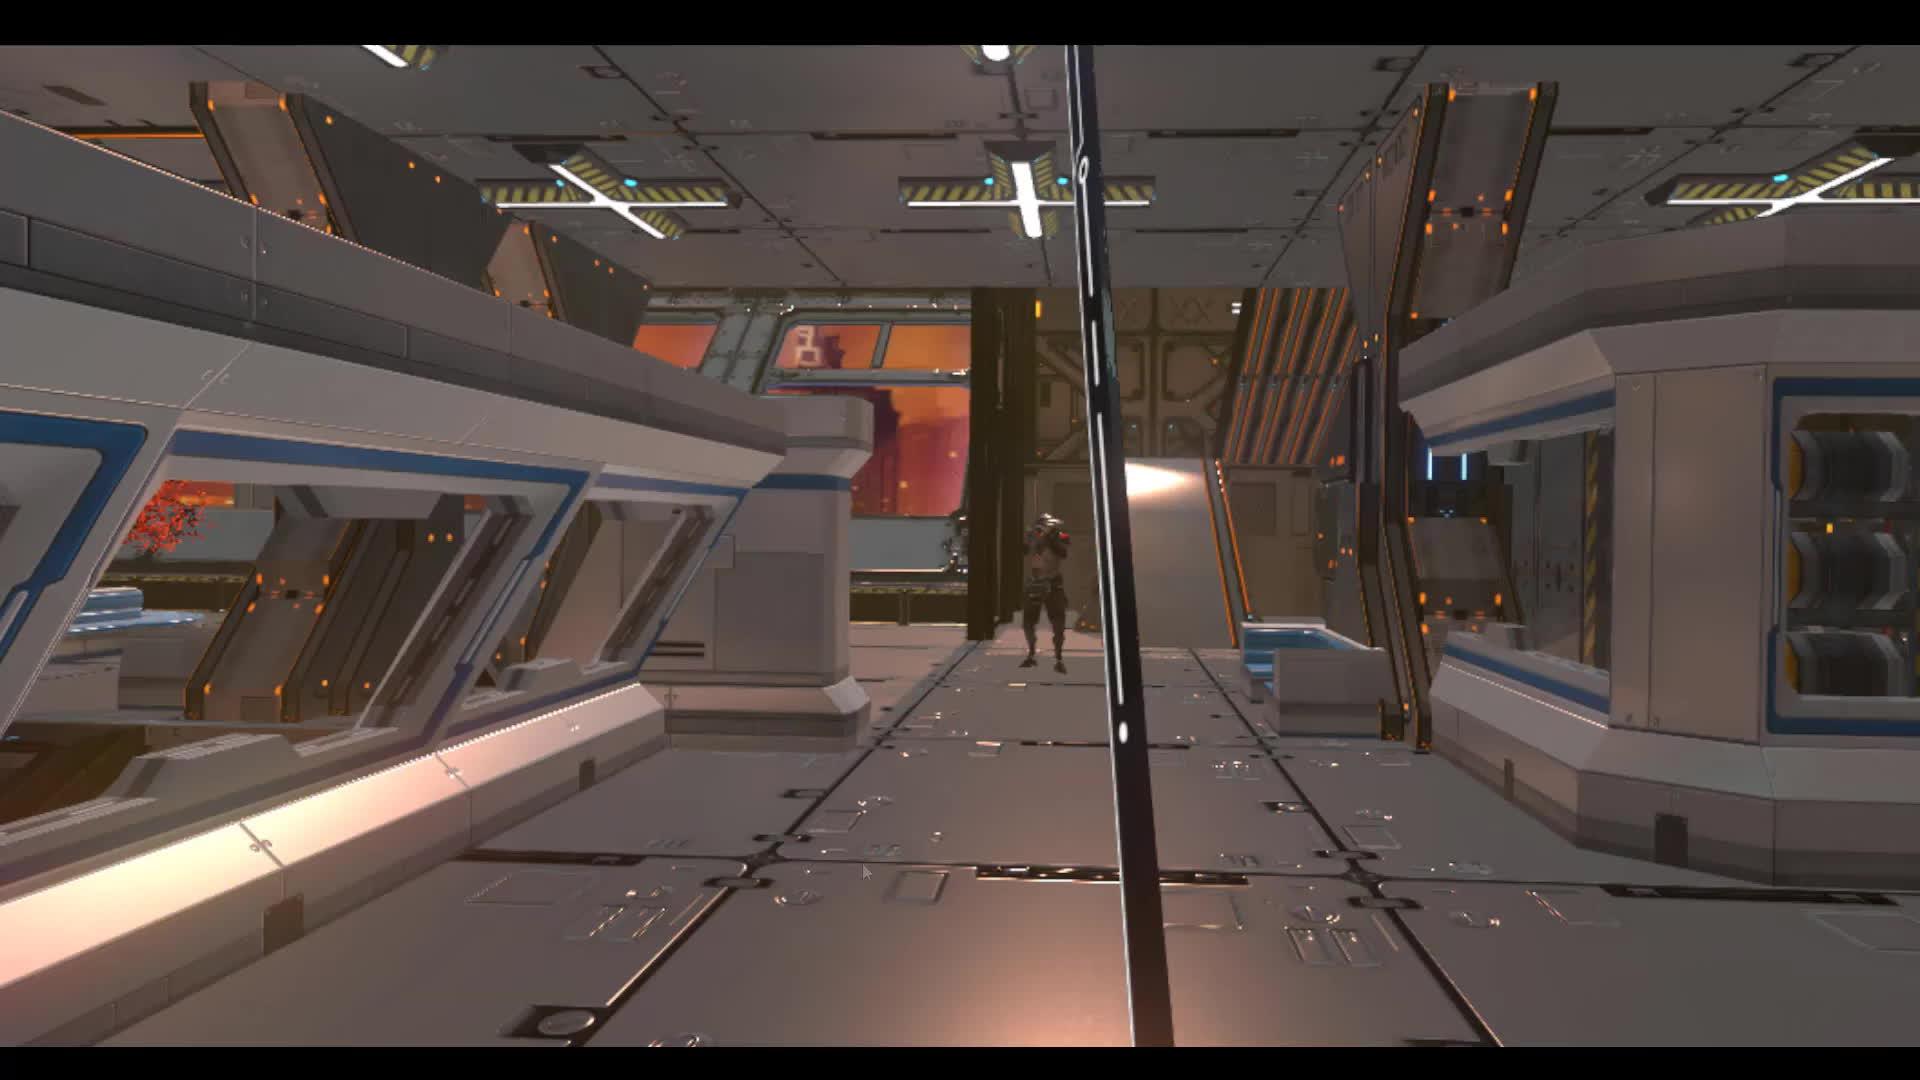 oculus, sairento, vive, vr, Show GIFs